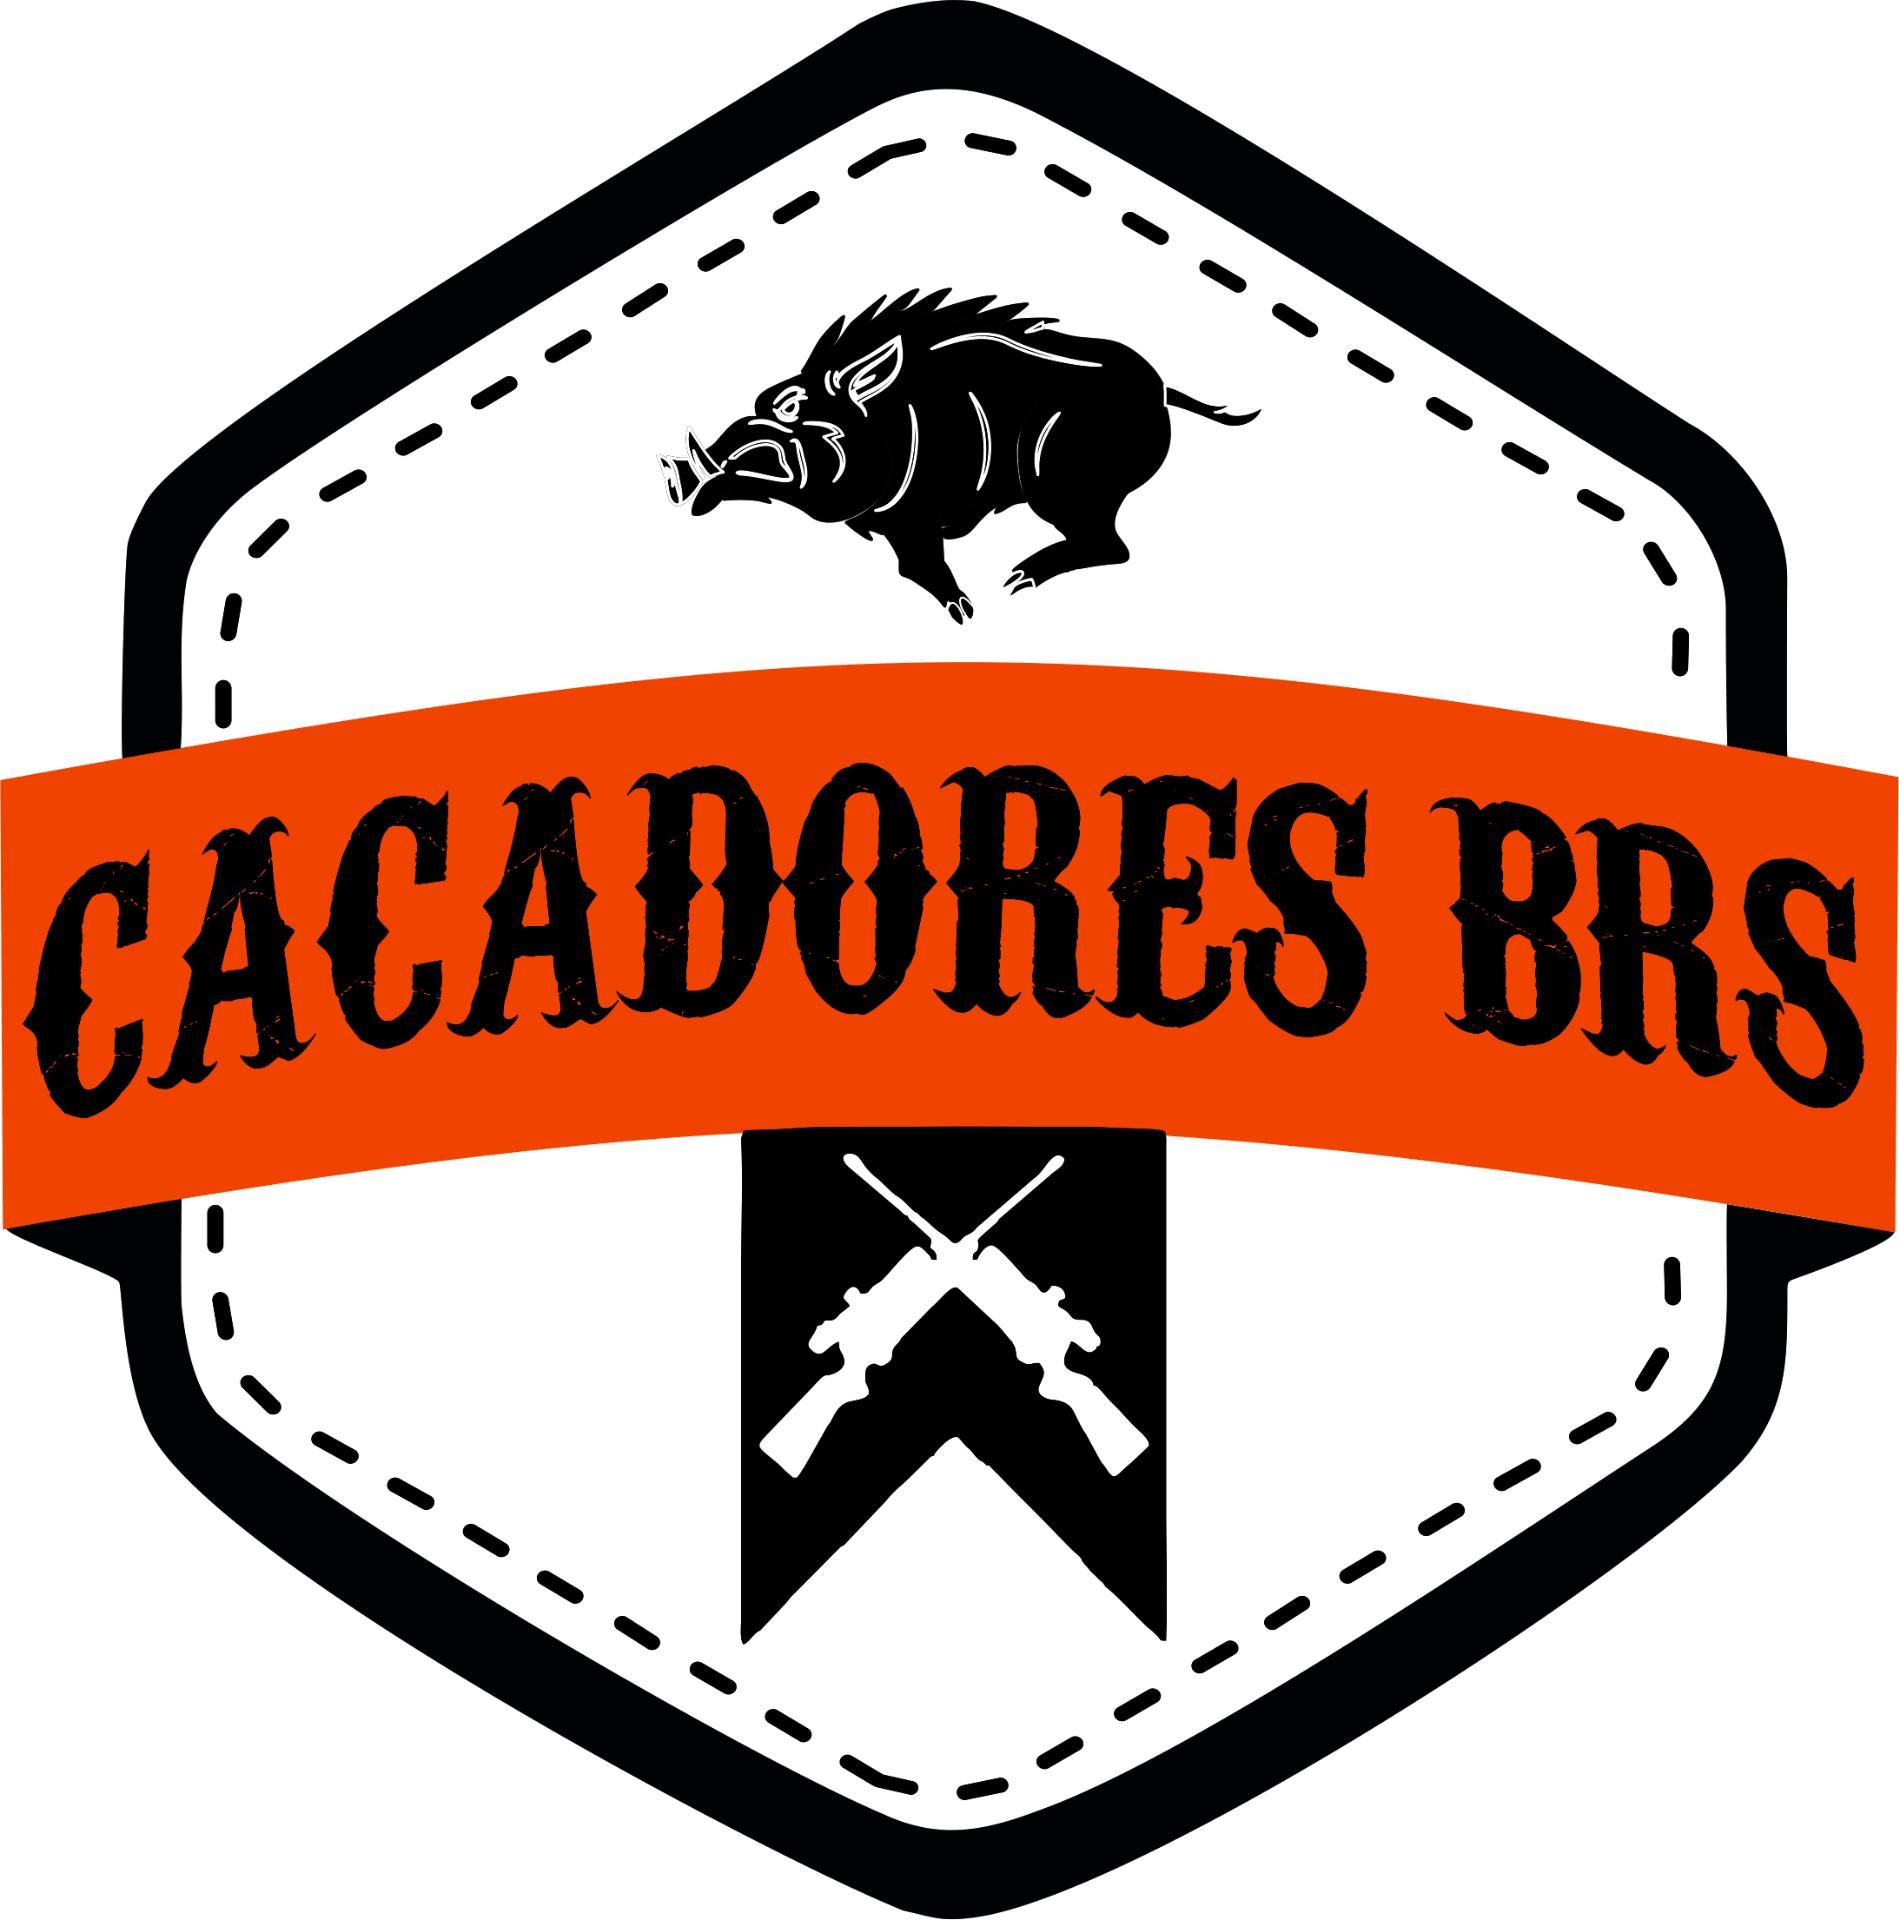 CACADORESBRS